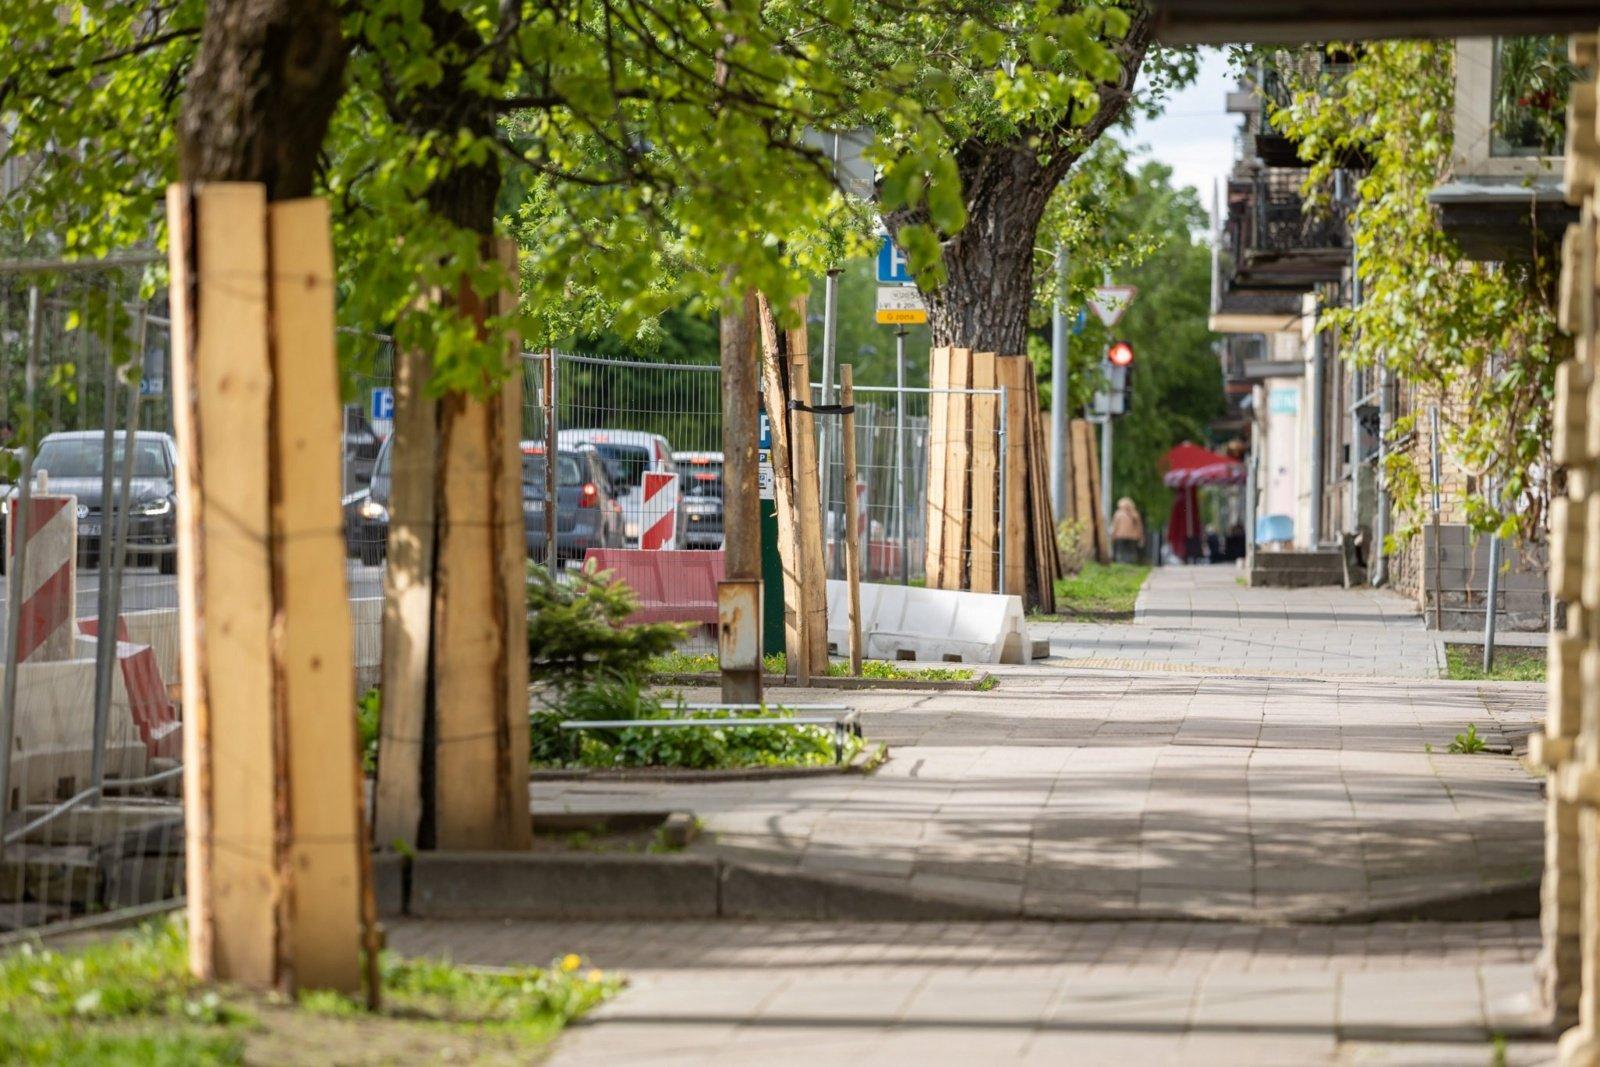 Pokyčiai Algirdo gatvėje: dviračių takai, daugiau želdynų ir jaukumo